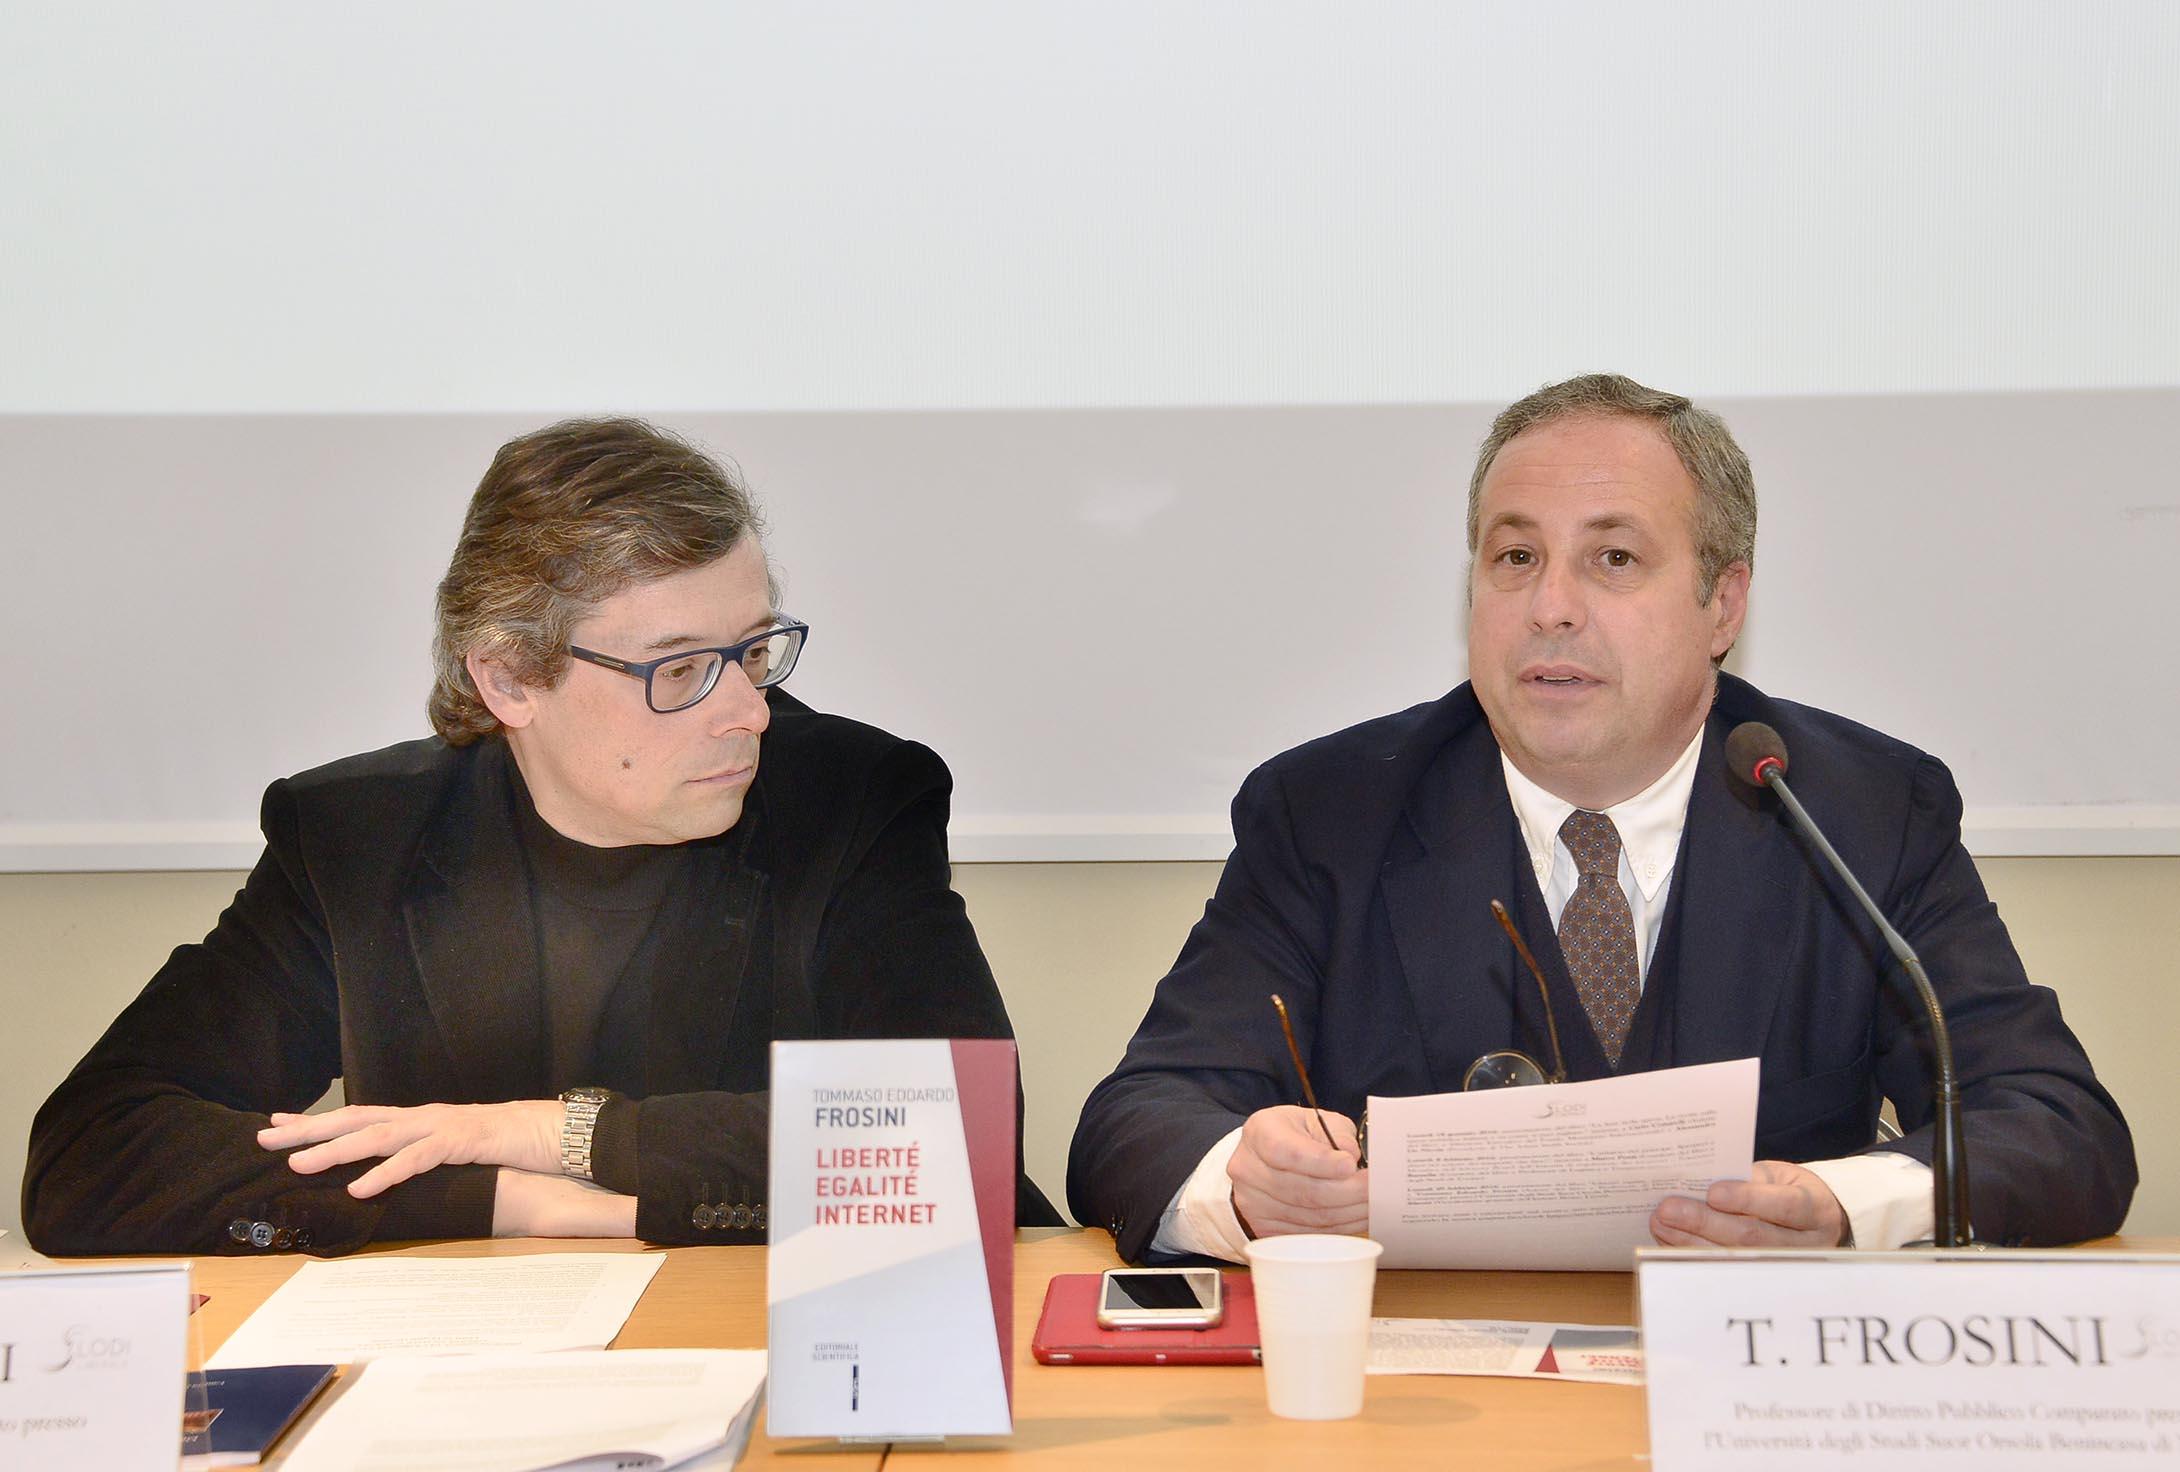 """Associazione Lodi Liberale - Presentazione swl libro """"LibertAi??, egalitAi?? e internet Tommaso Edoardo Frosini"""